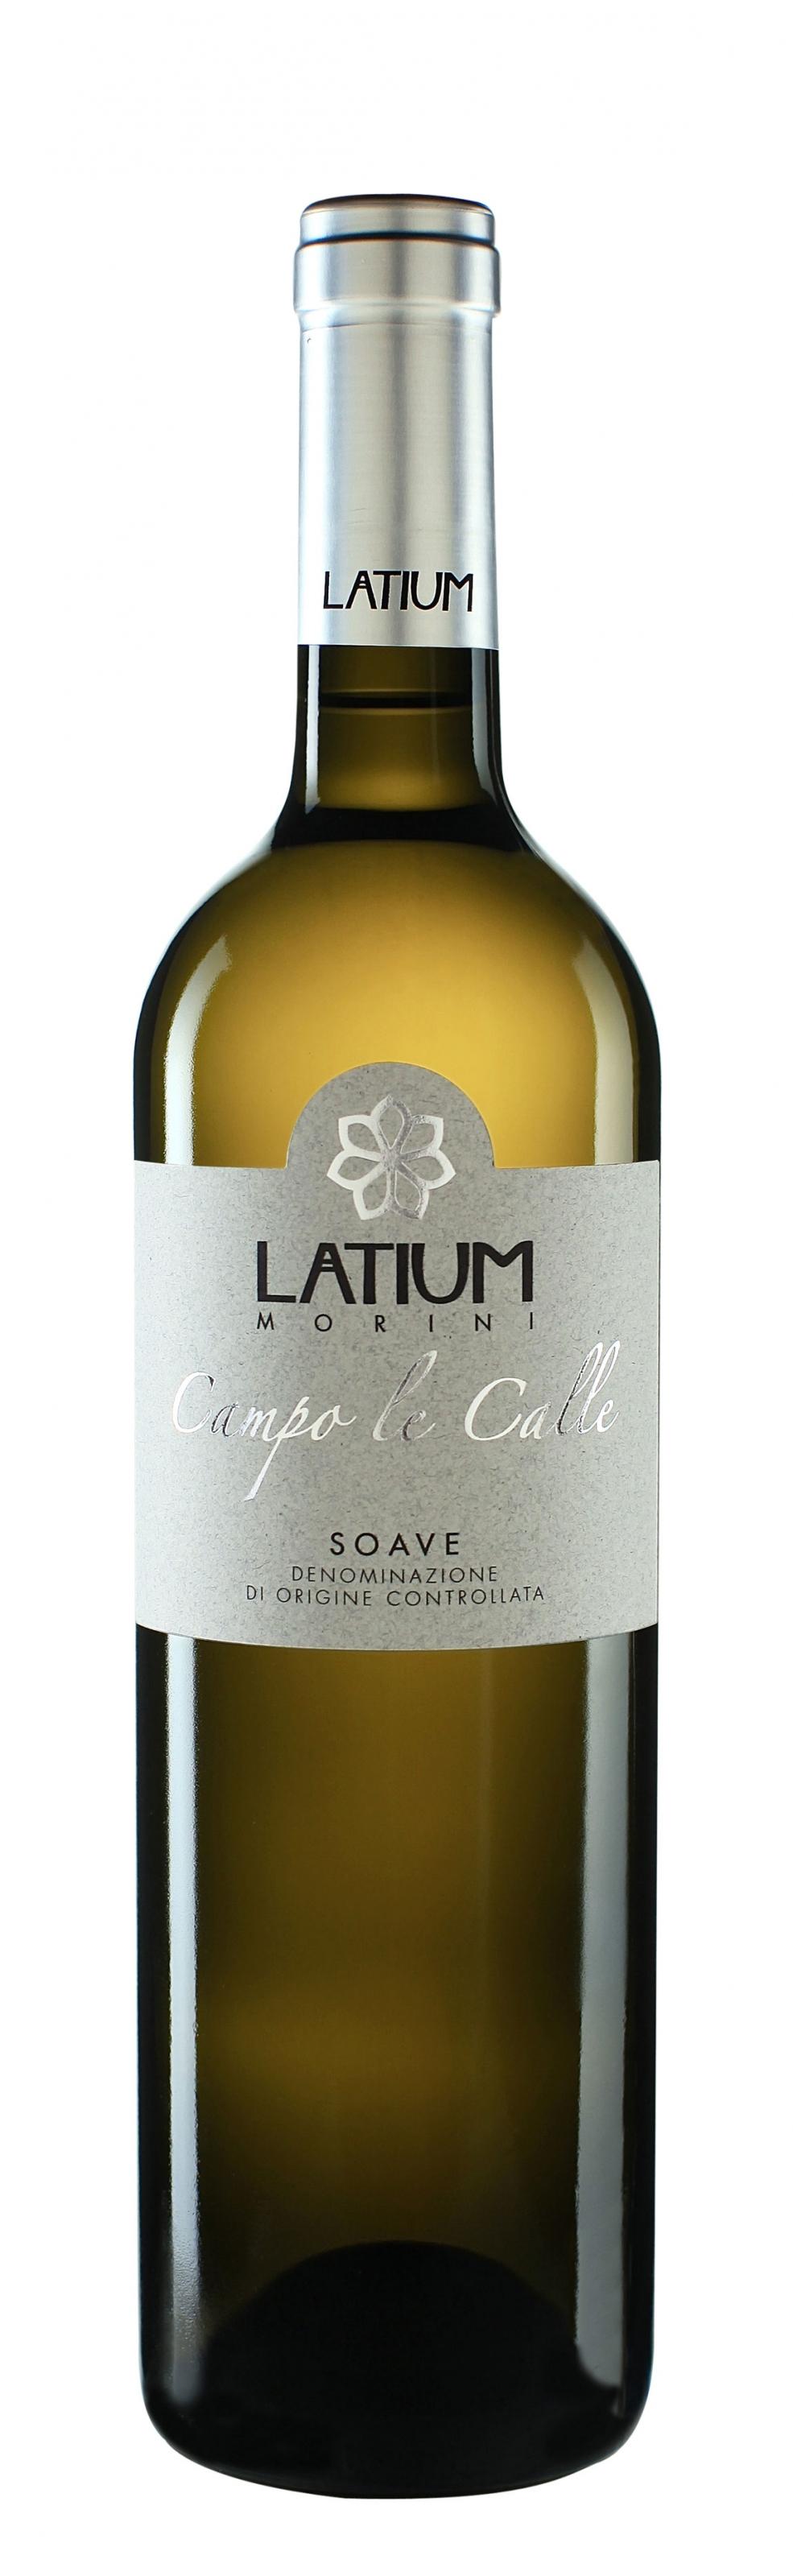 Ilatium, Campo Le Calle, Soave 2018